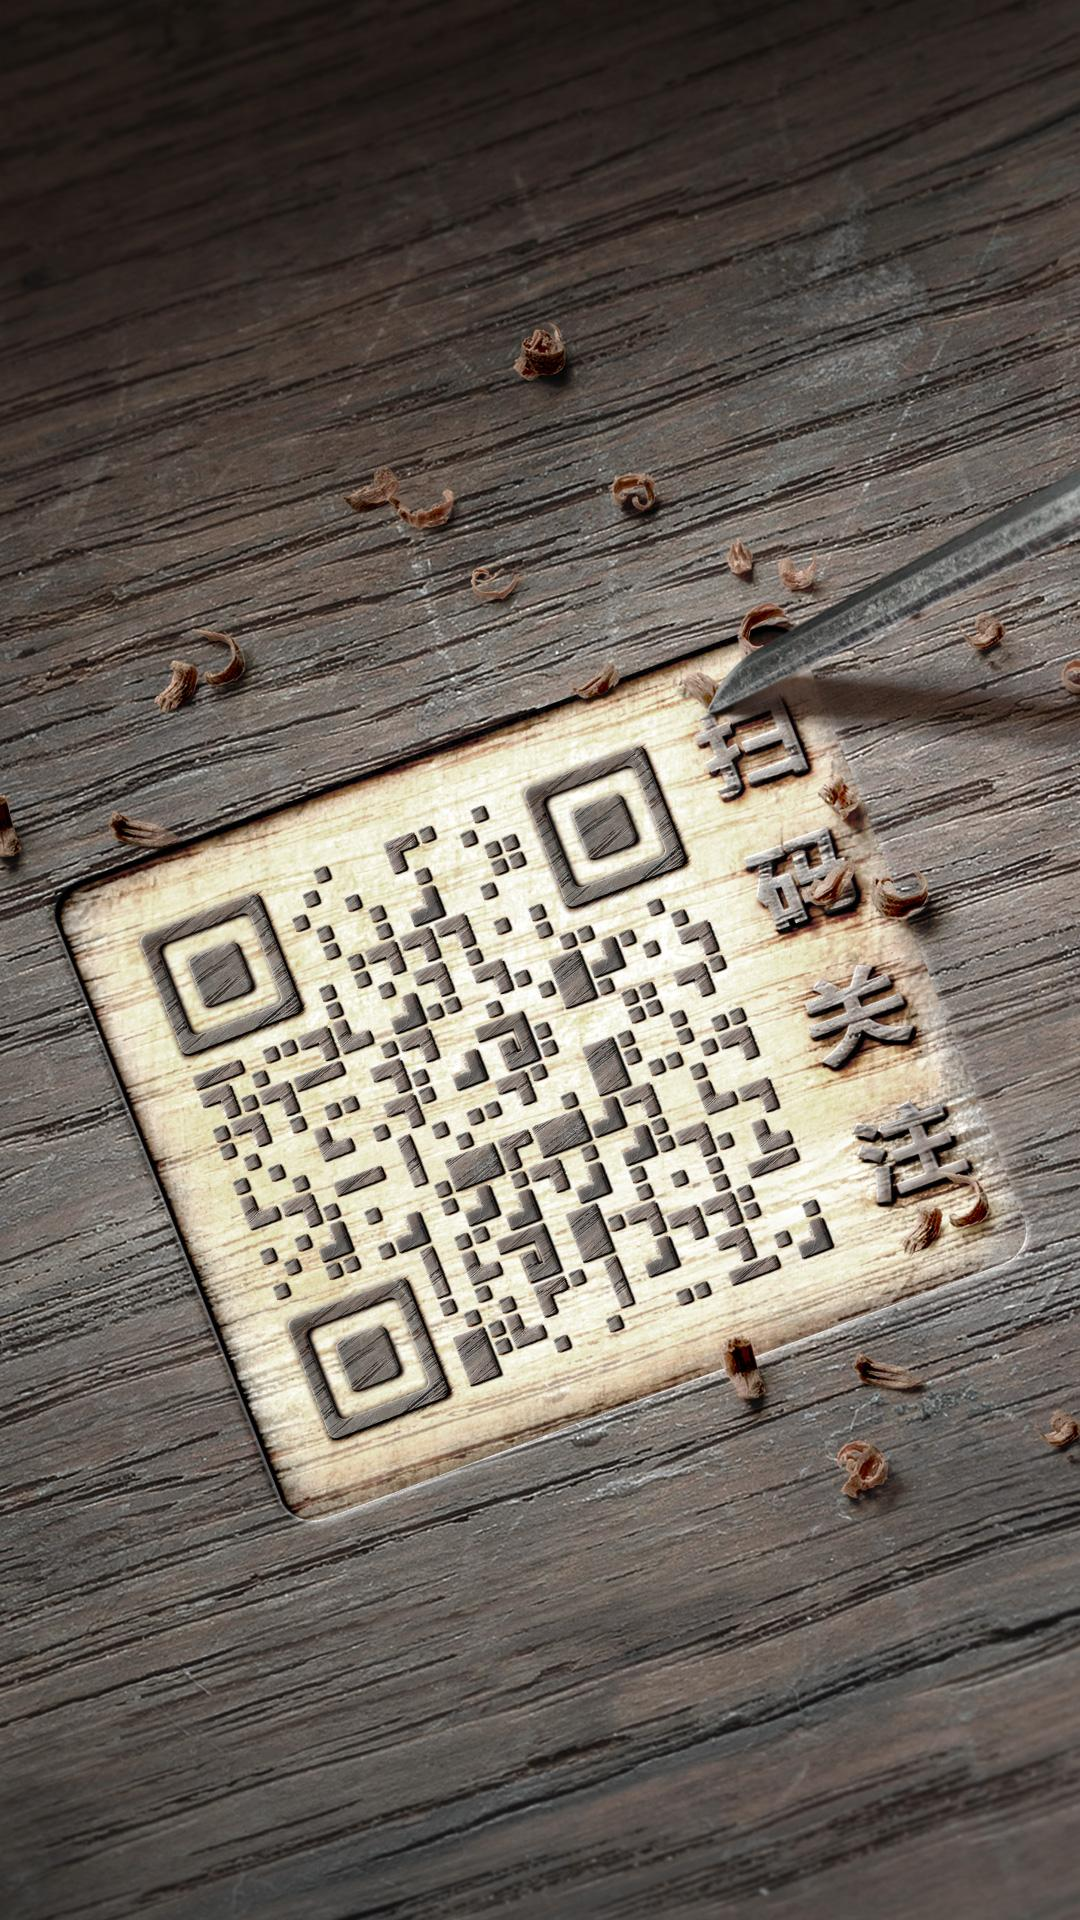 木刻二維碼 藝術二維碼